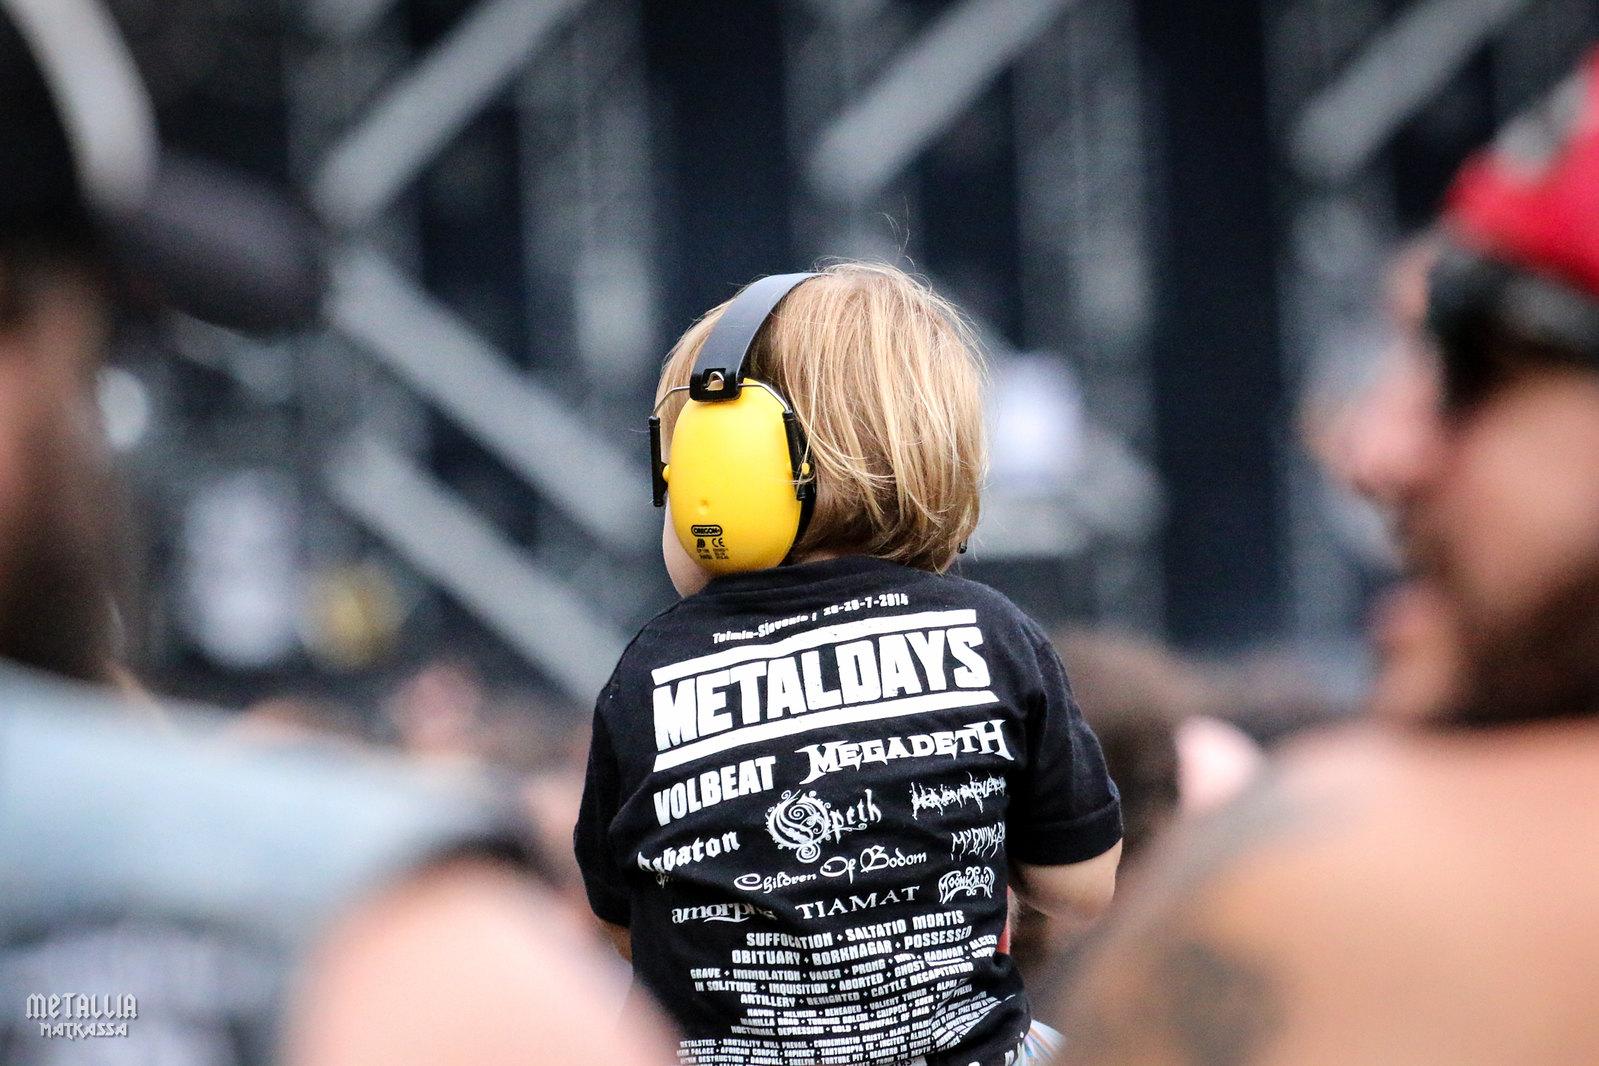 metaldays, metaldays 2016, metalcamp, metal baby